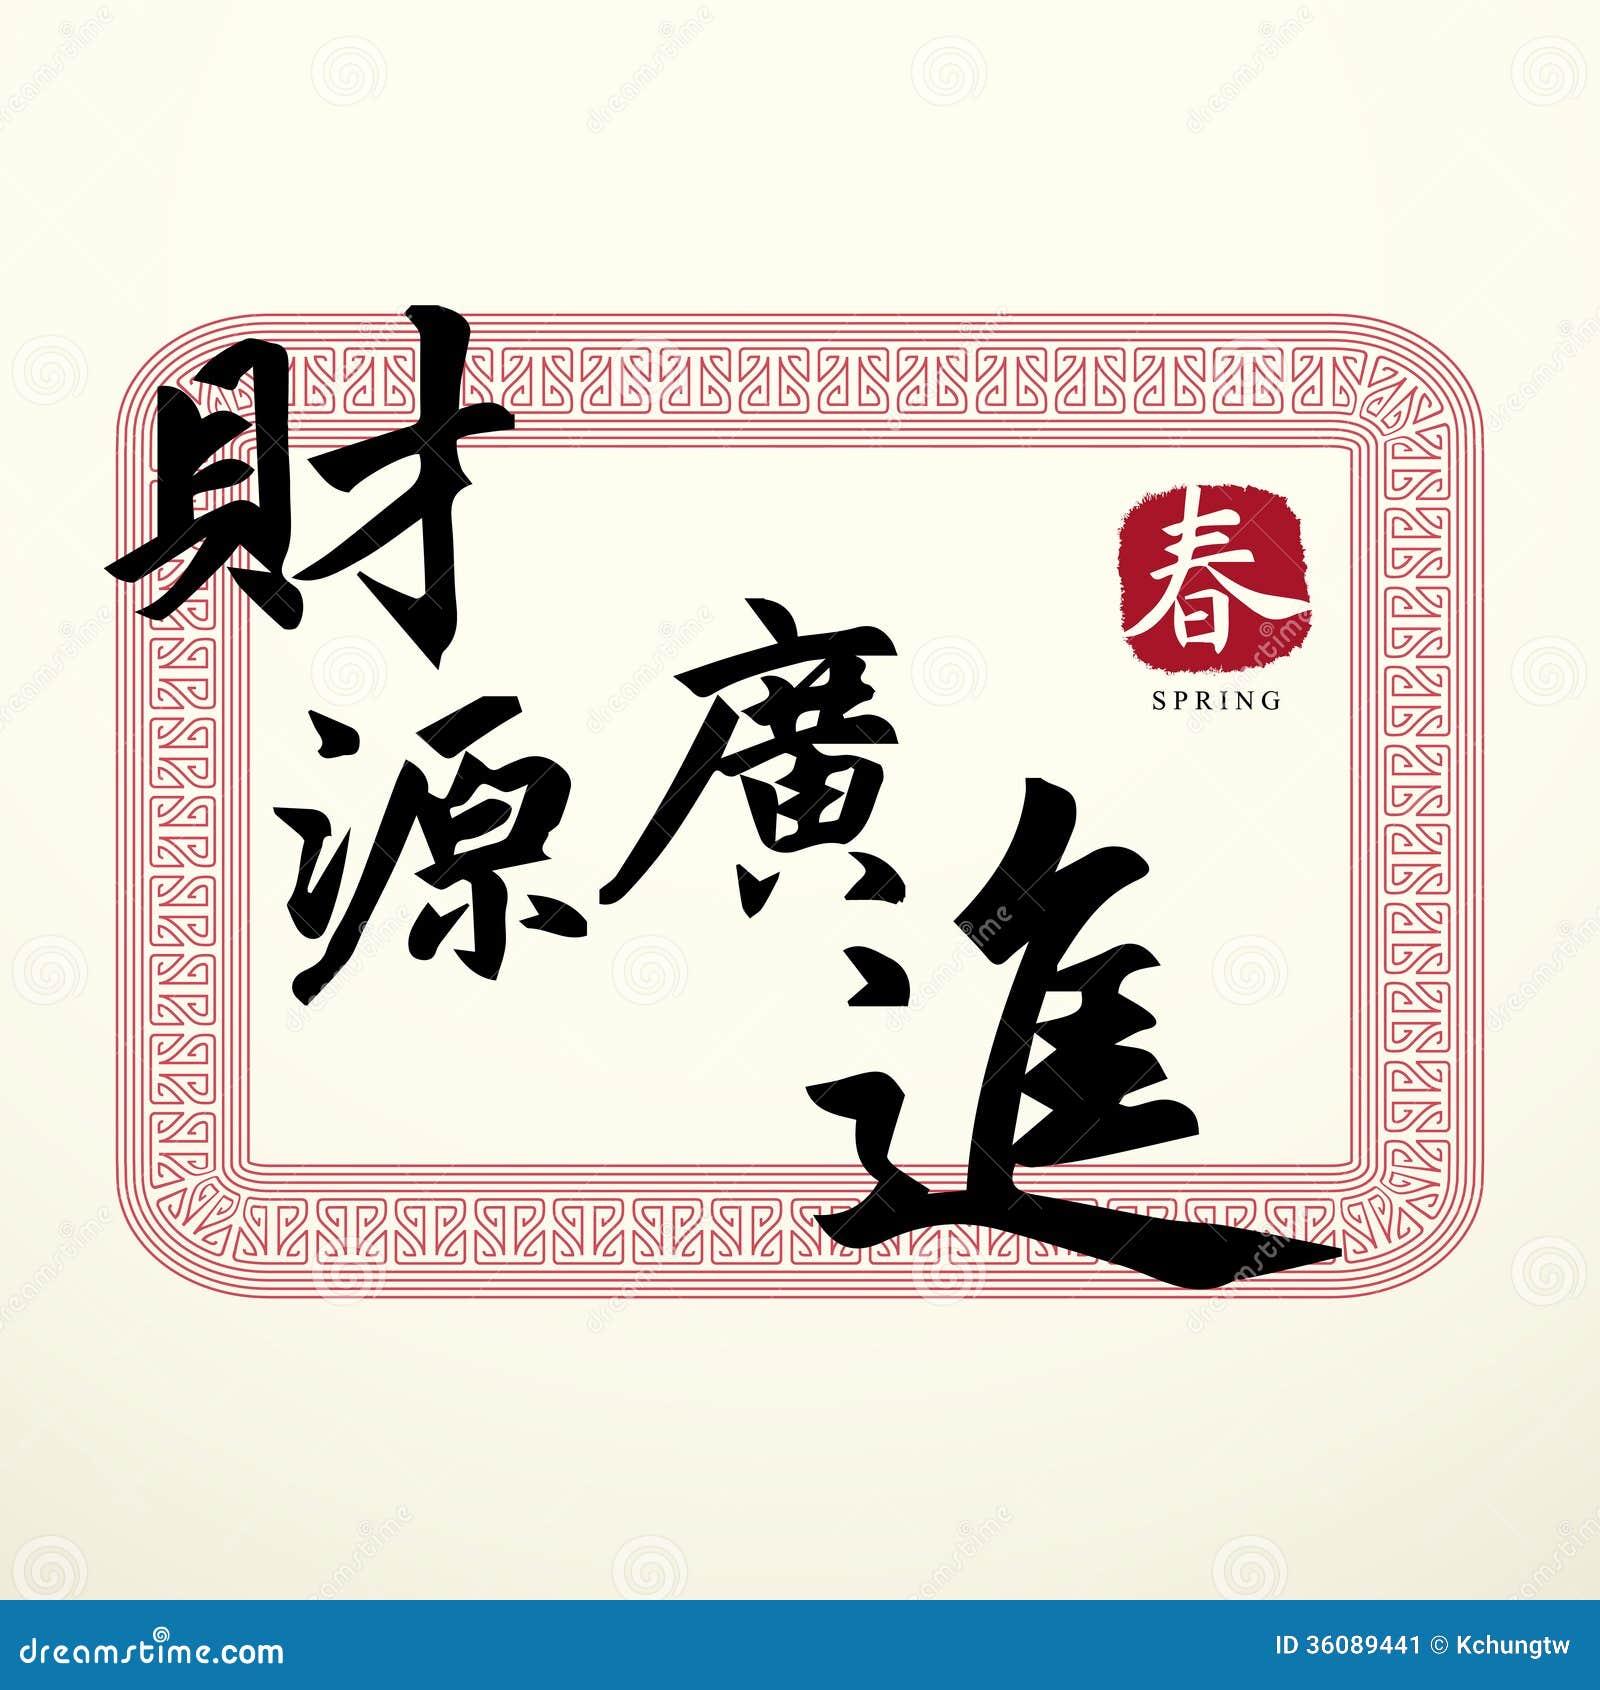 Simboli cinesi di buona fortuna di calligrafia - Simboli portafortuna cinesi ...